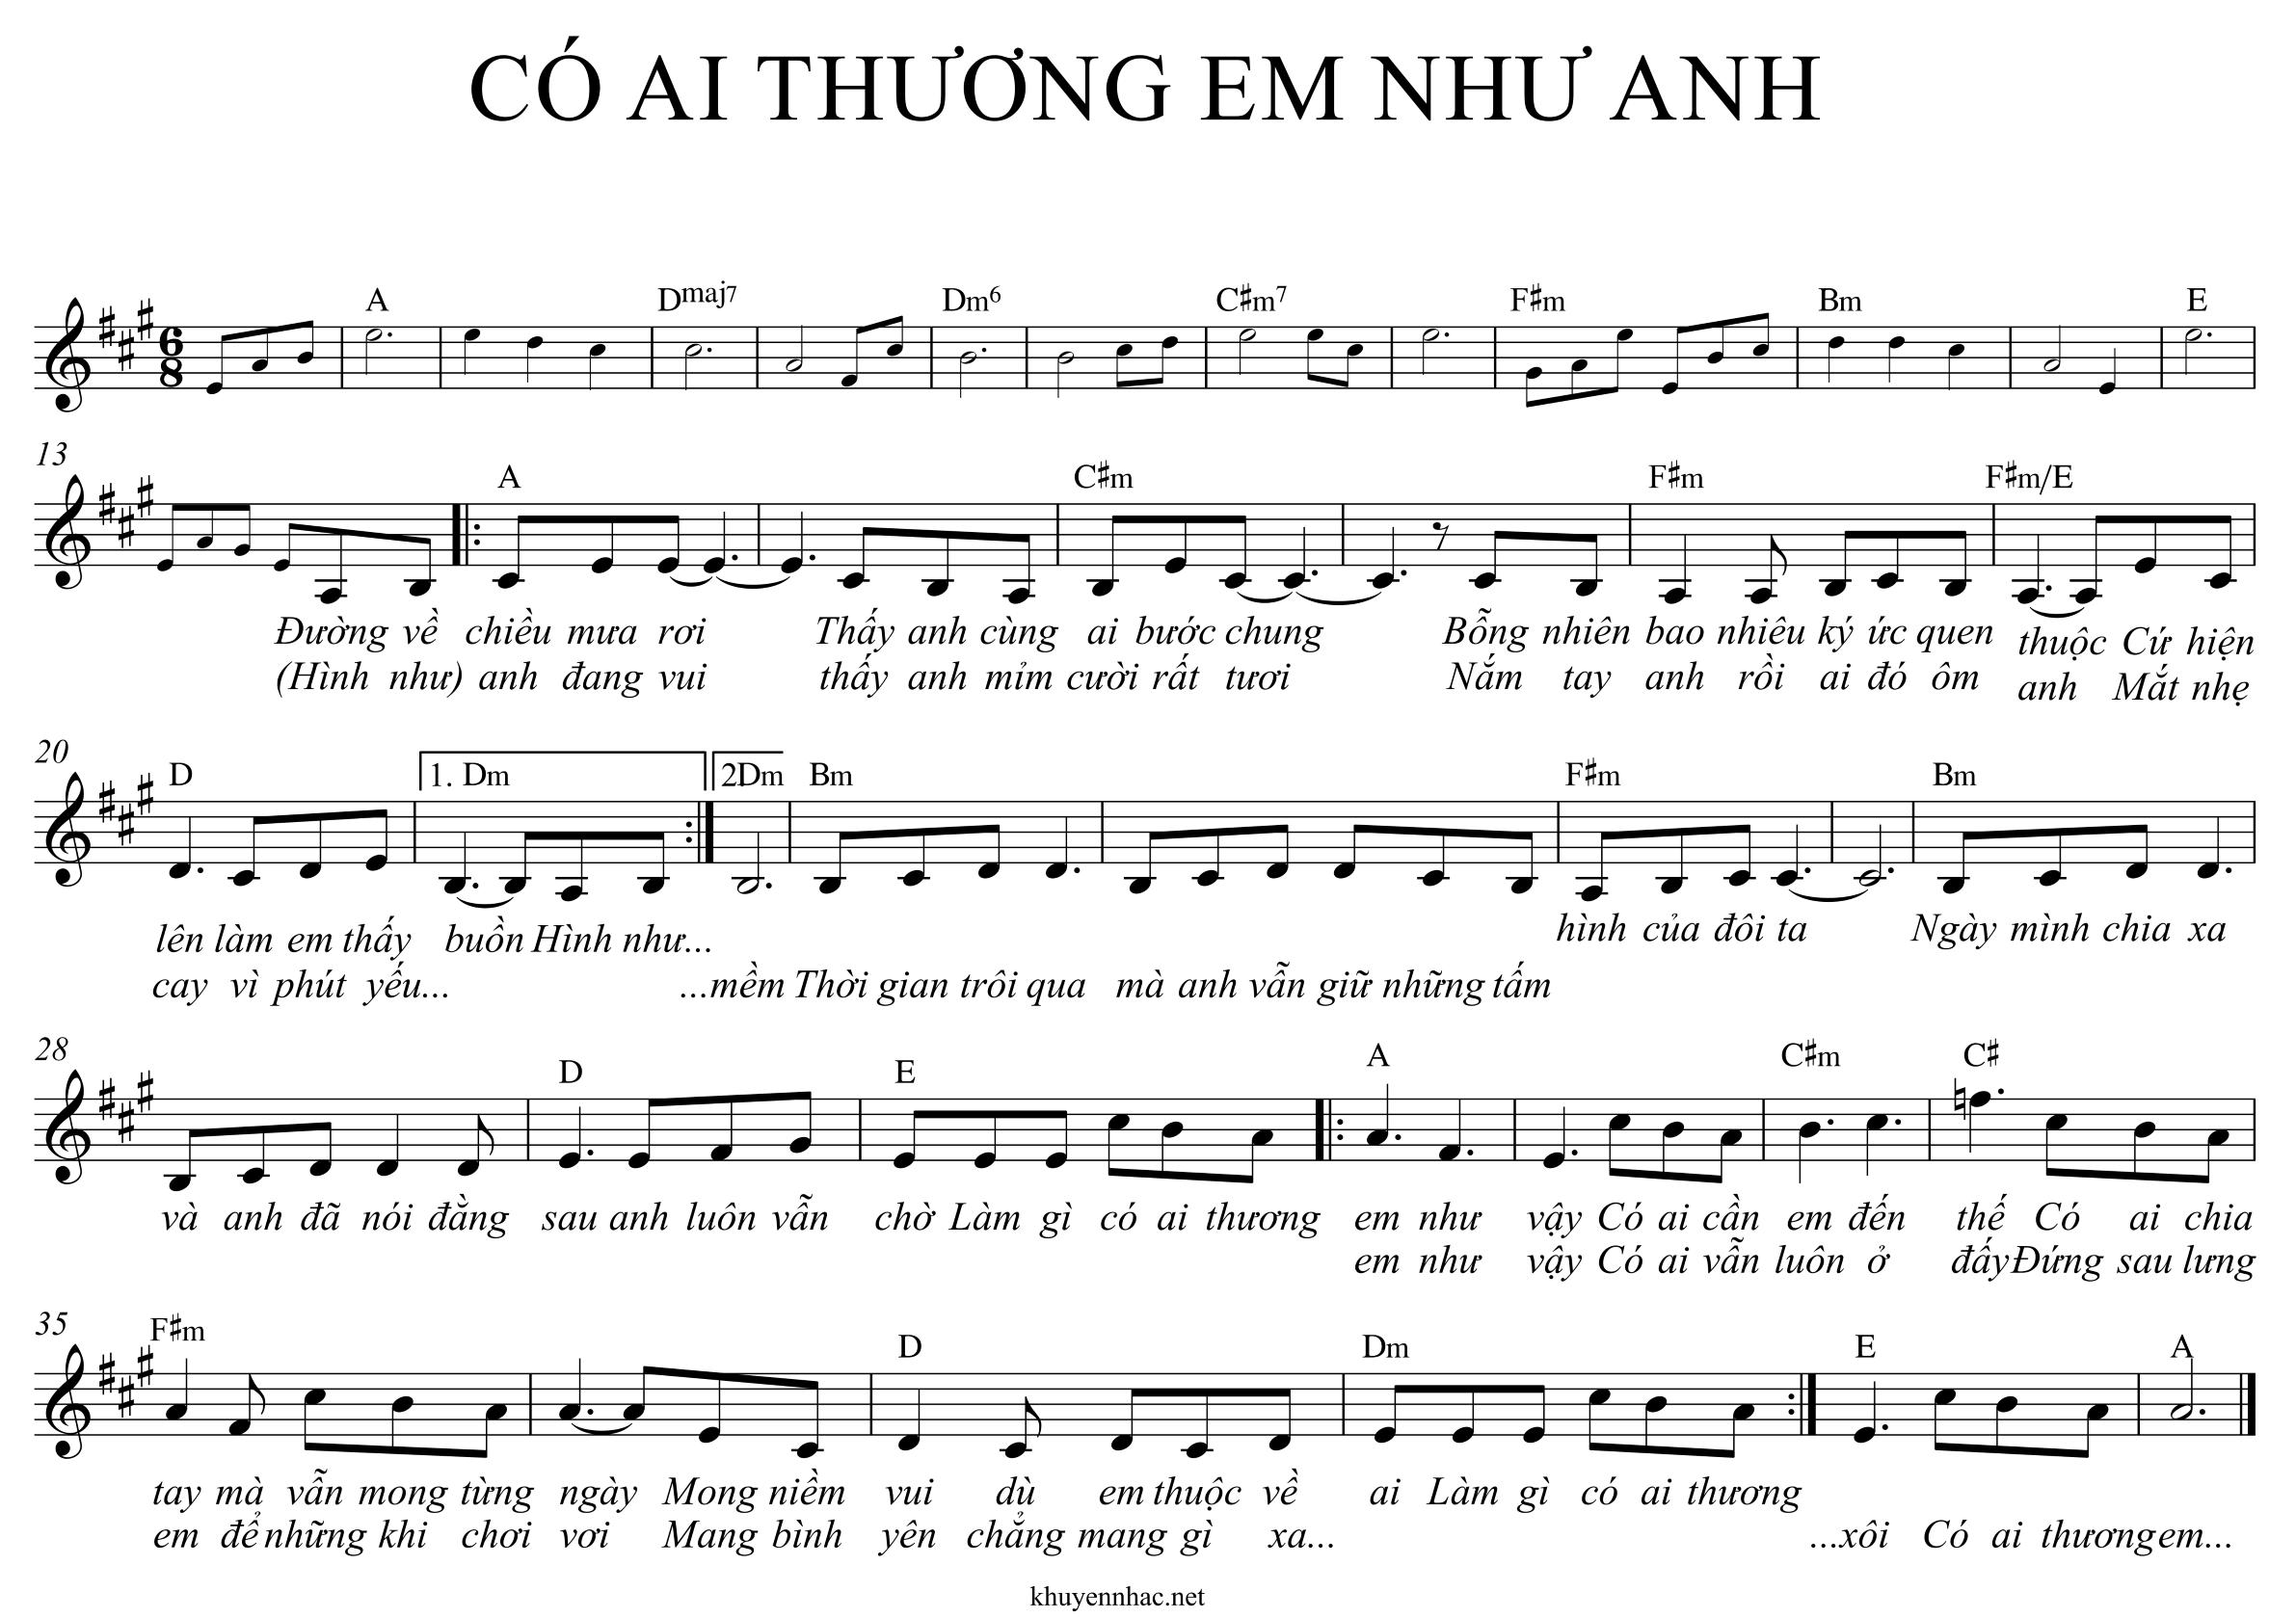 Sheet nhac Co-ai-thuong-em-nhu-anh.png